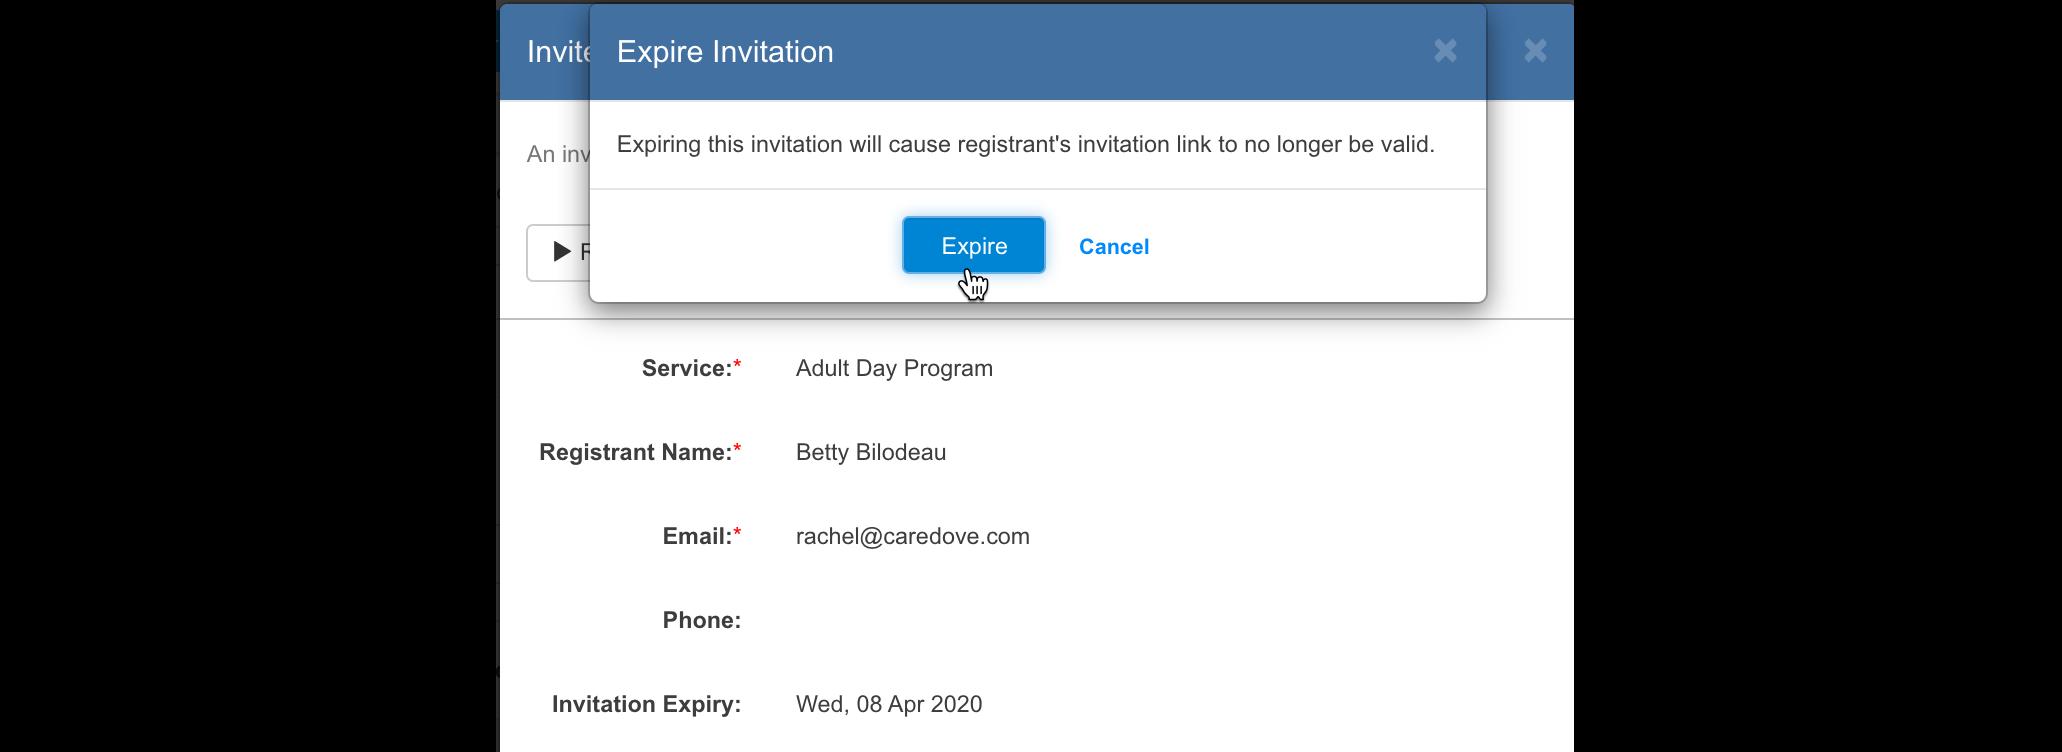 Manually expire invitations